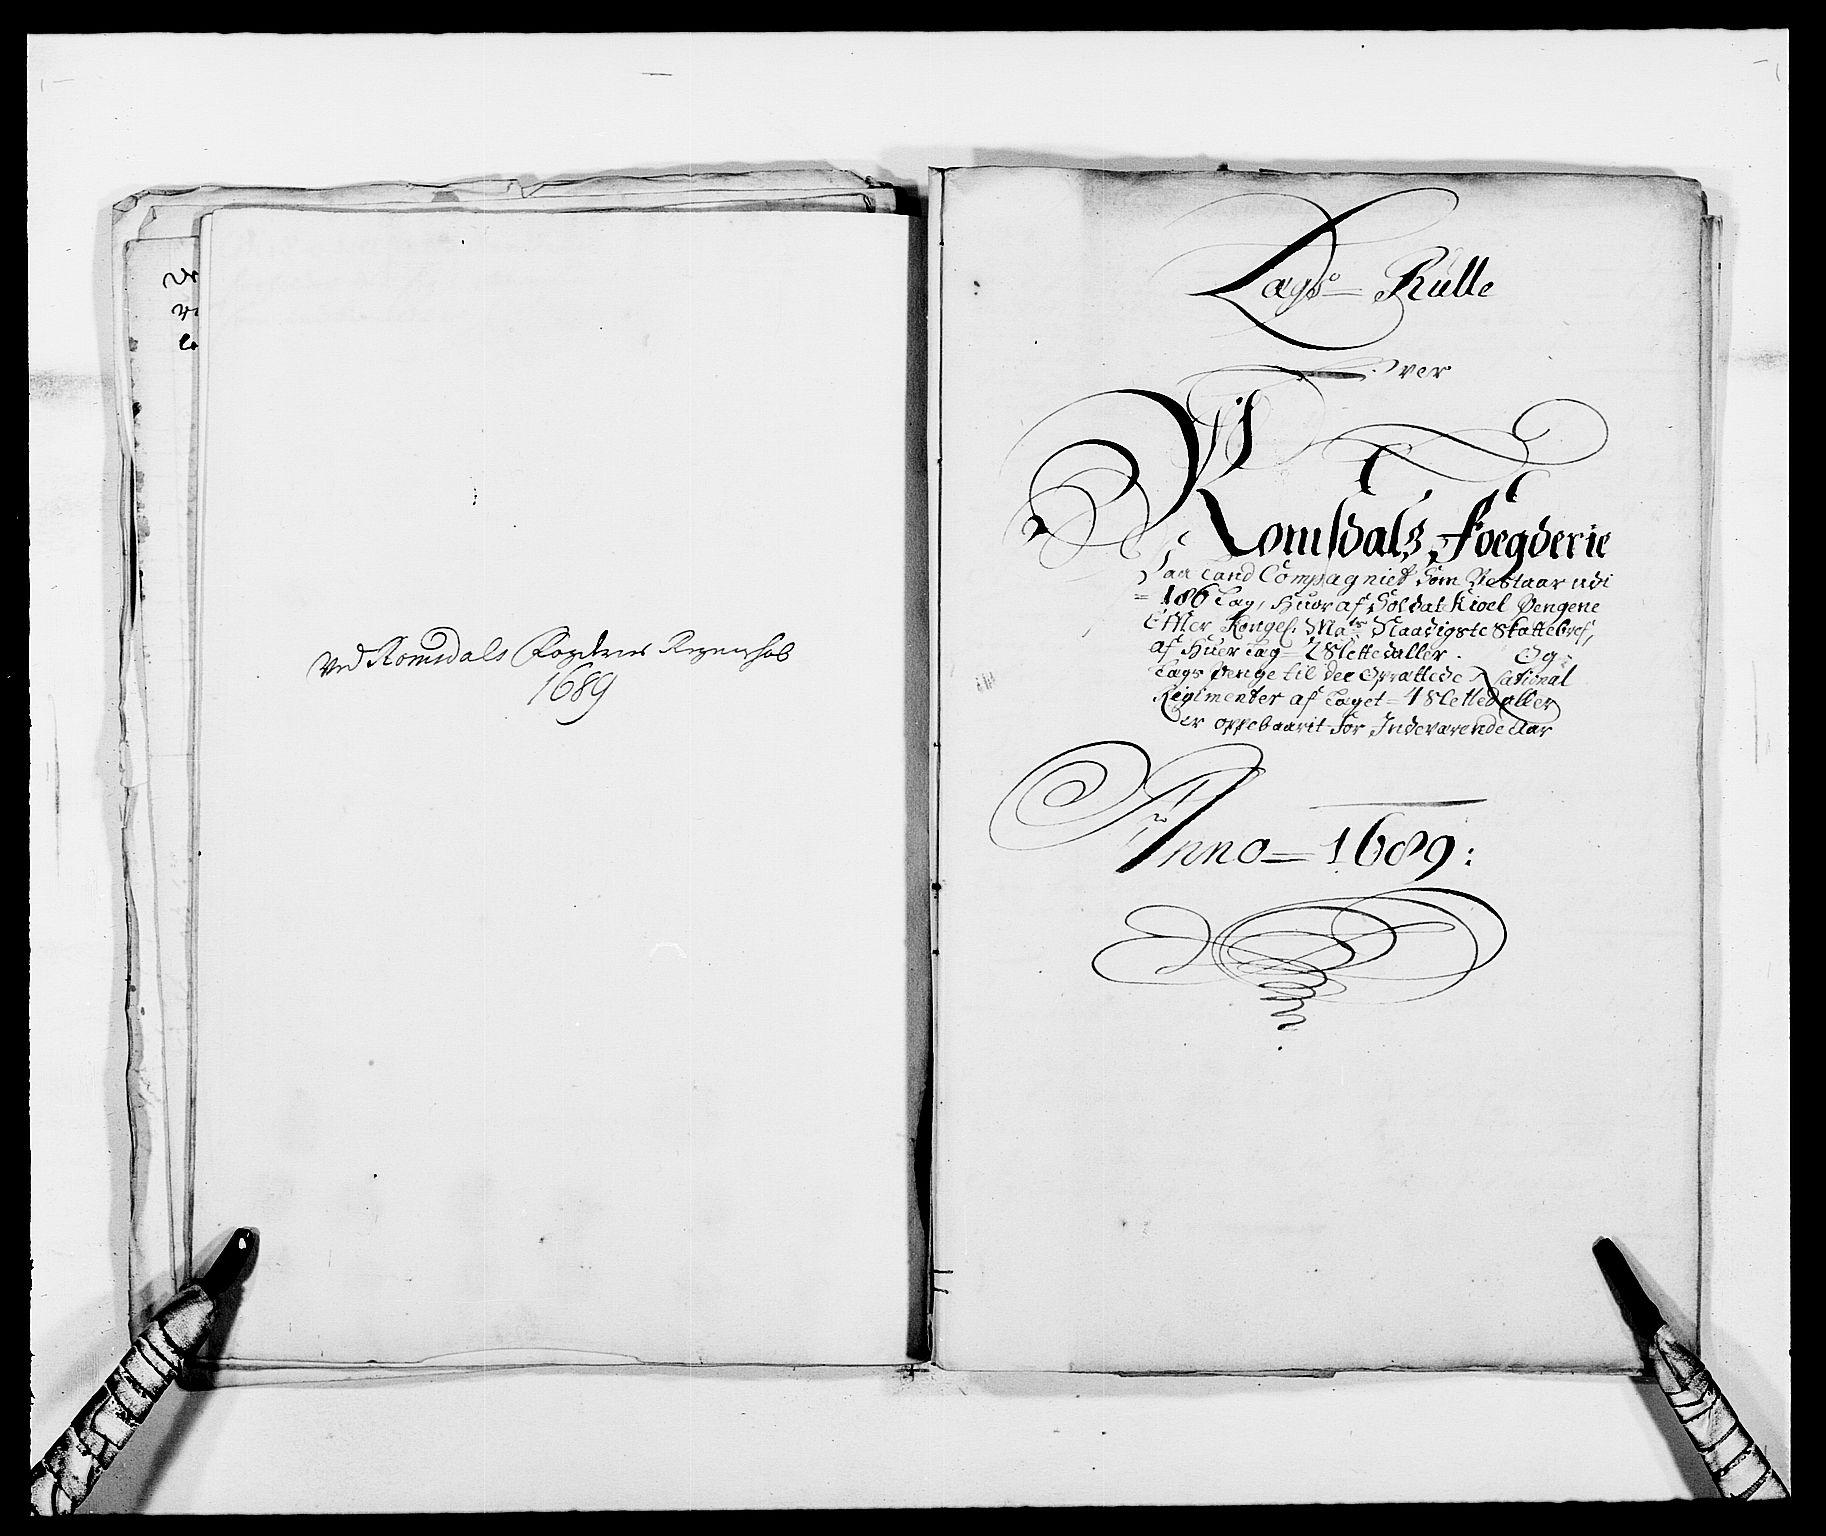 RA, Rentekammeret inntil 1814, Reviderte regnskaper, Fogderegnskap, R55/L3648: Fogderegnskap Romsdal, 1687-1689, s. 333